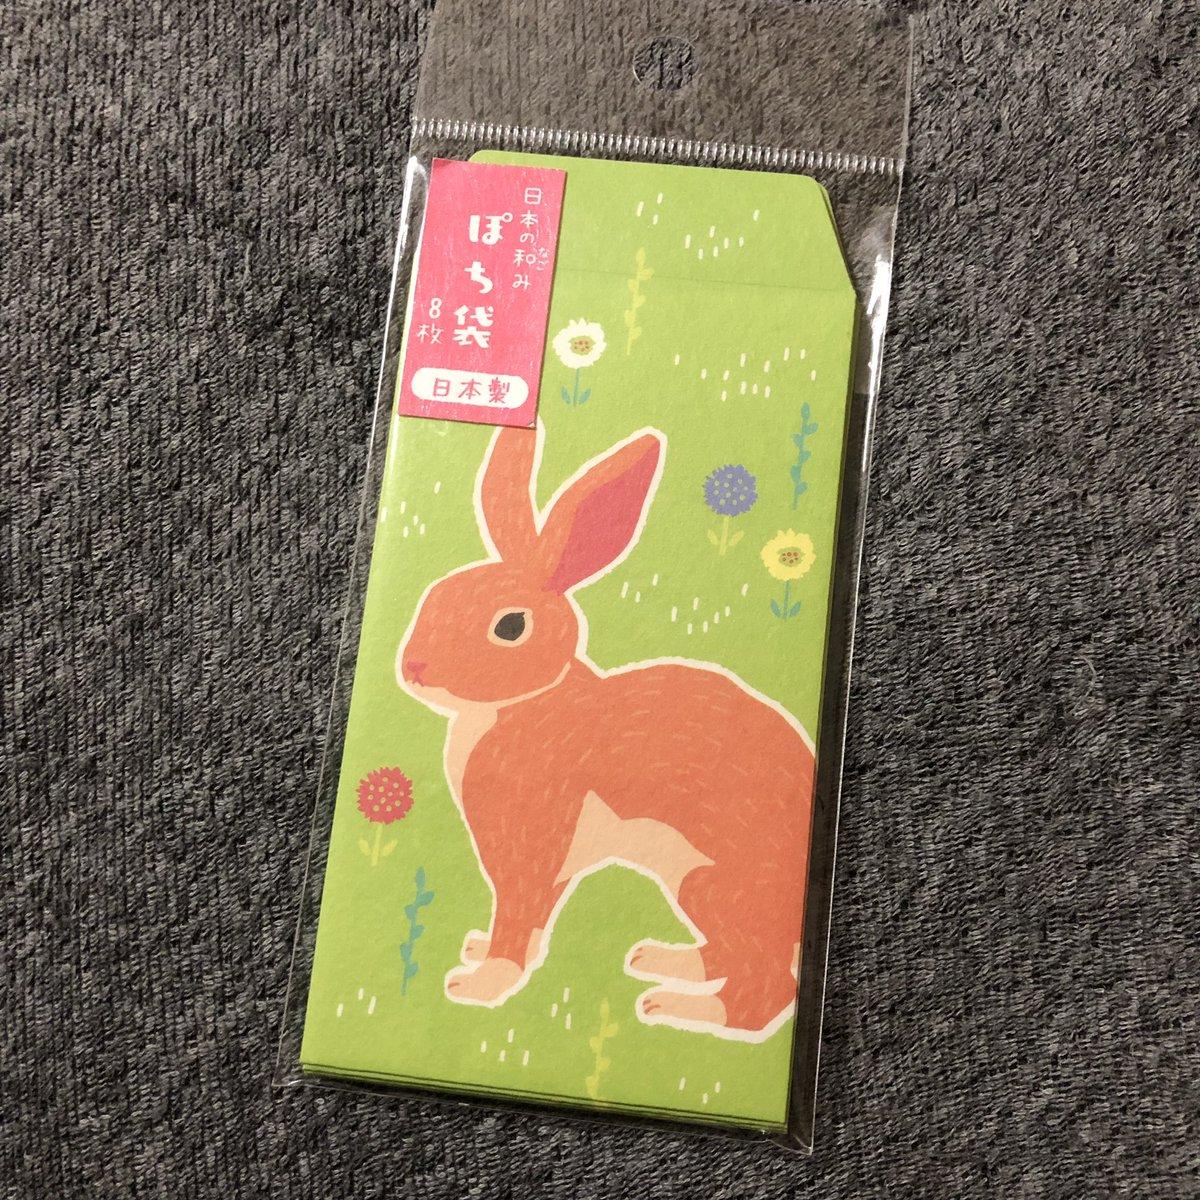 test ツイッターメディア - ダイソーで素晴らしいぽち袋を見つけた??  ココちゃーーーん????  #ダイソー https://t.co/3vqy5Kijqj